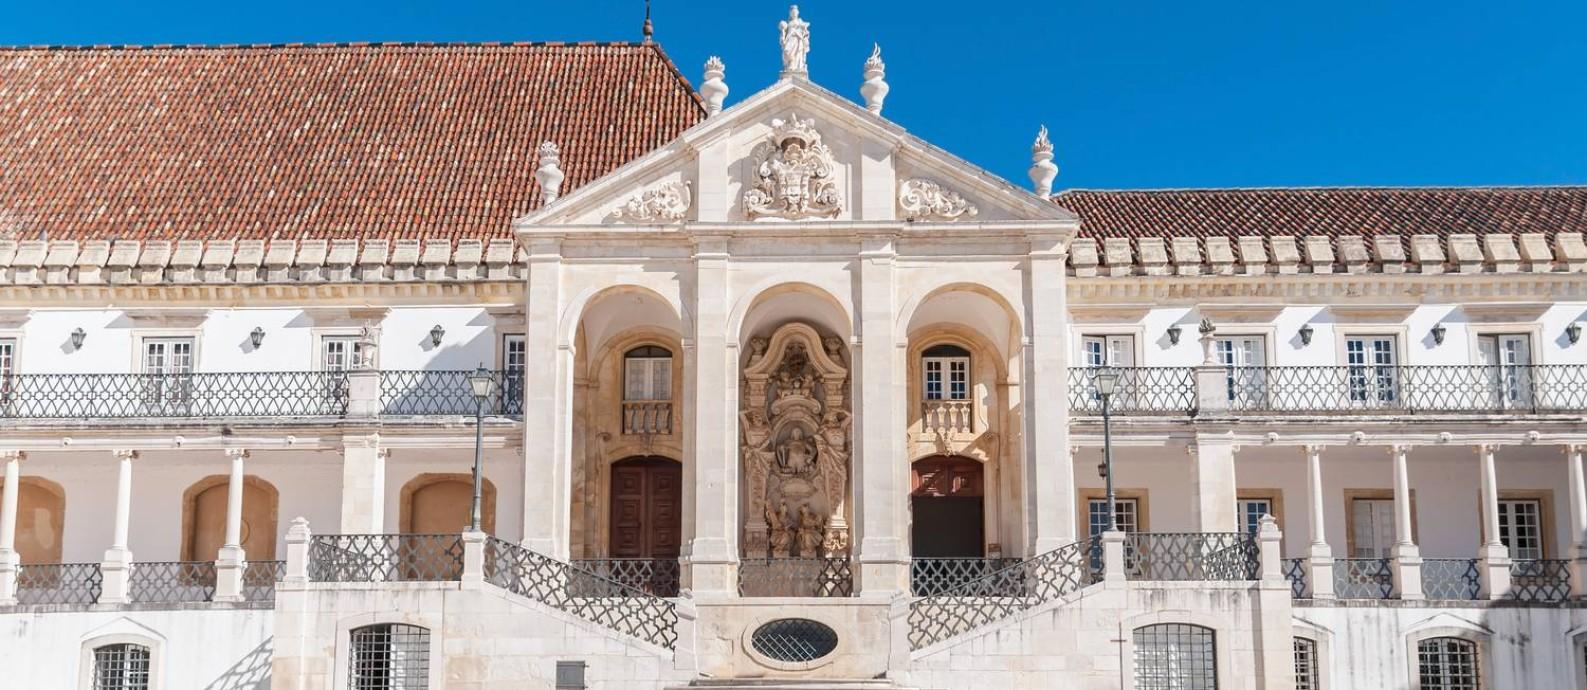 Com 728 anos de história e atmosfera multicultural, a Universidade de Coimbra proporciona uma experiência acadêmica rica e cosmopolita Foto: Thinkstock Photos